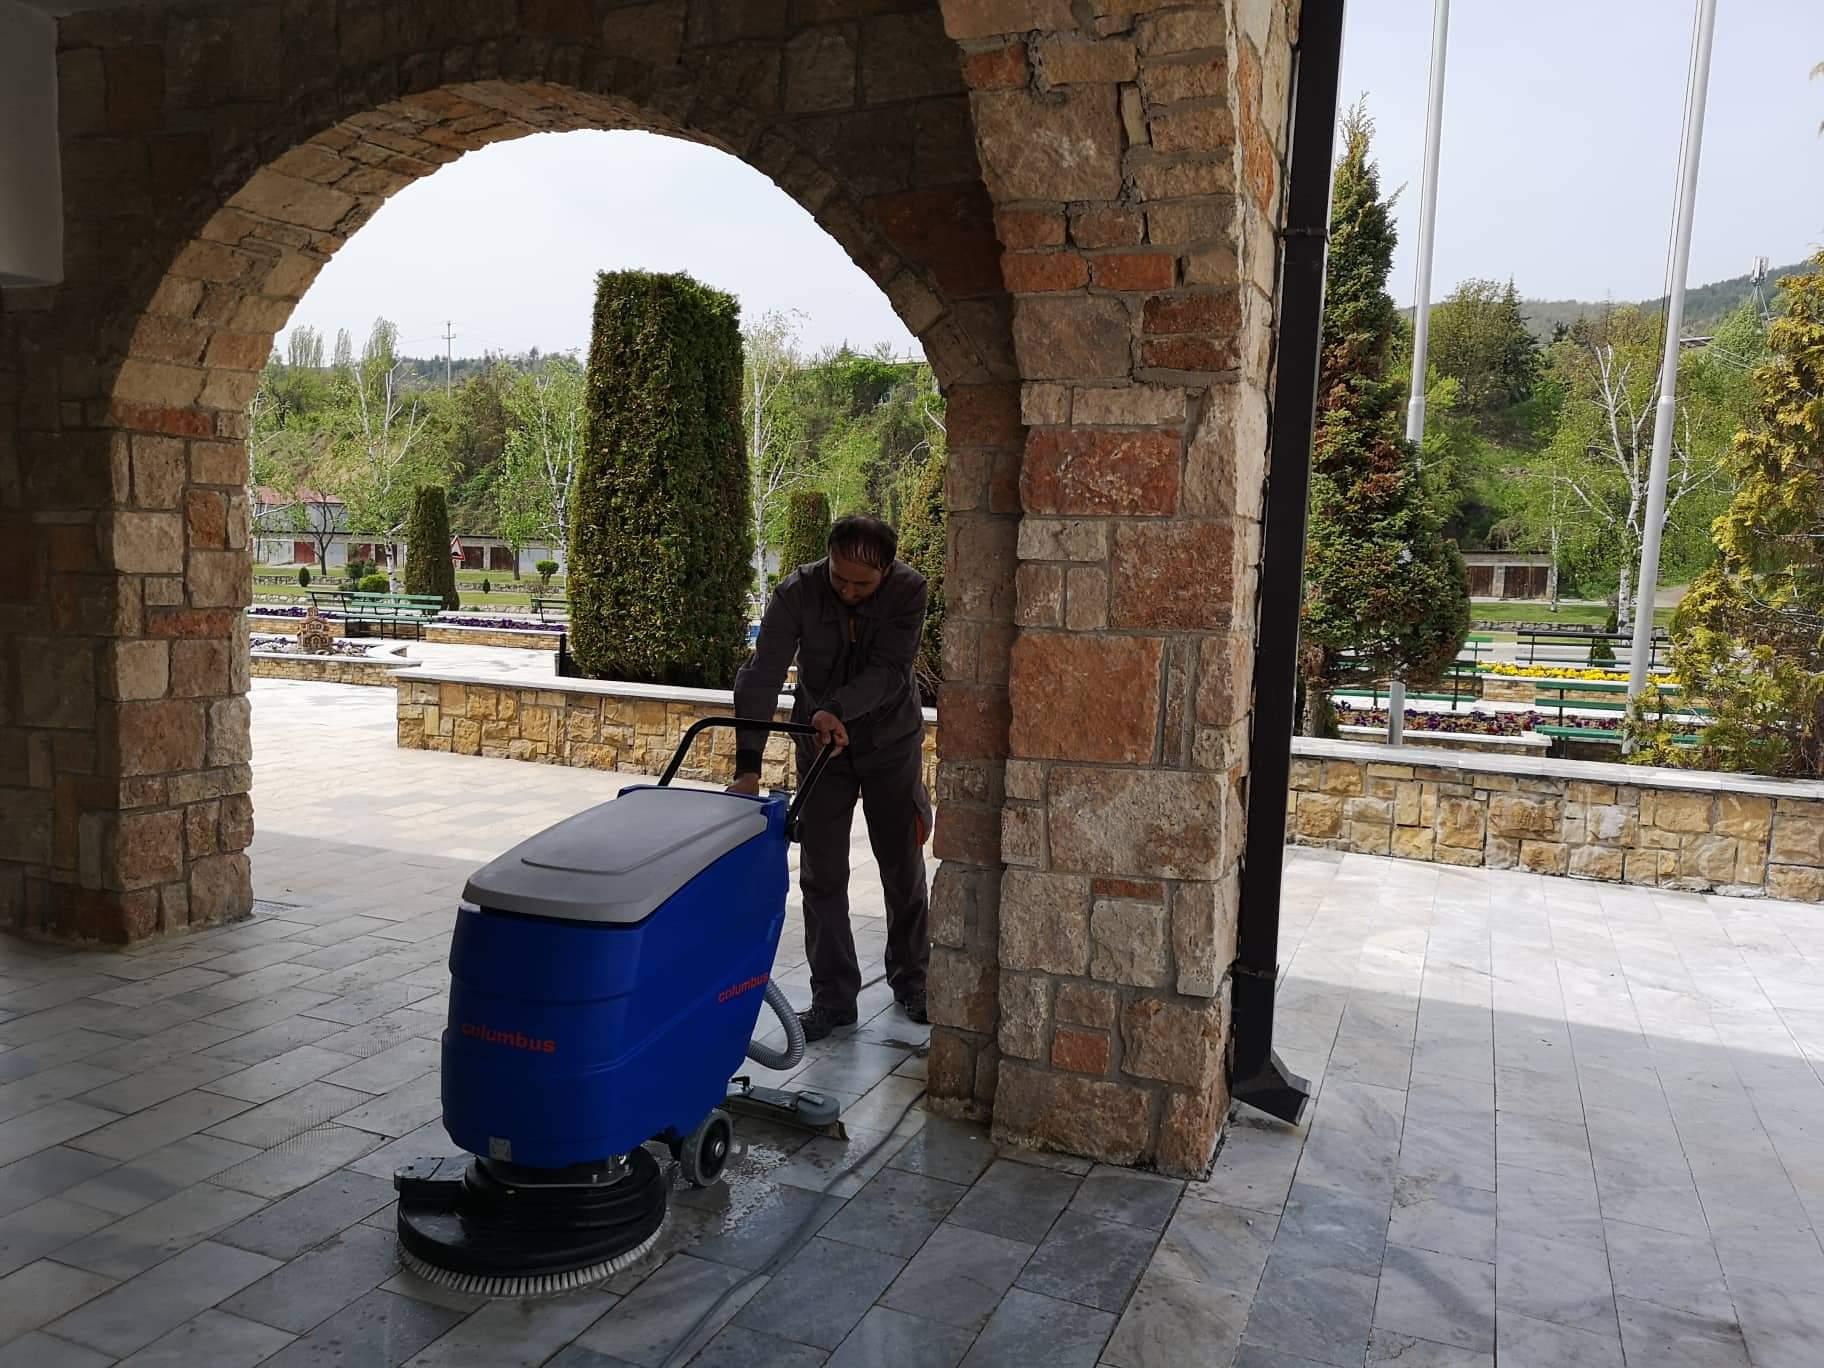 Чистење на платото и просторот околу црквата и градскиот плоштад во Македонска Каменица